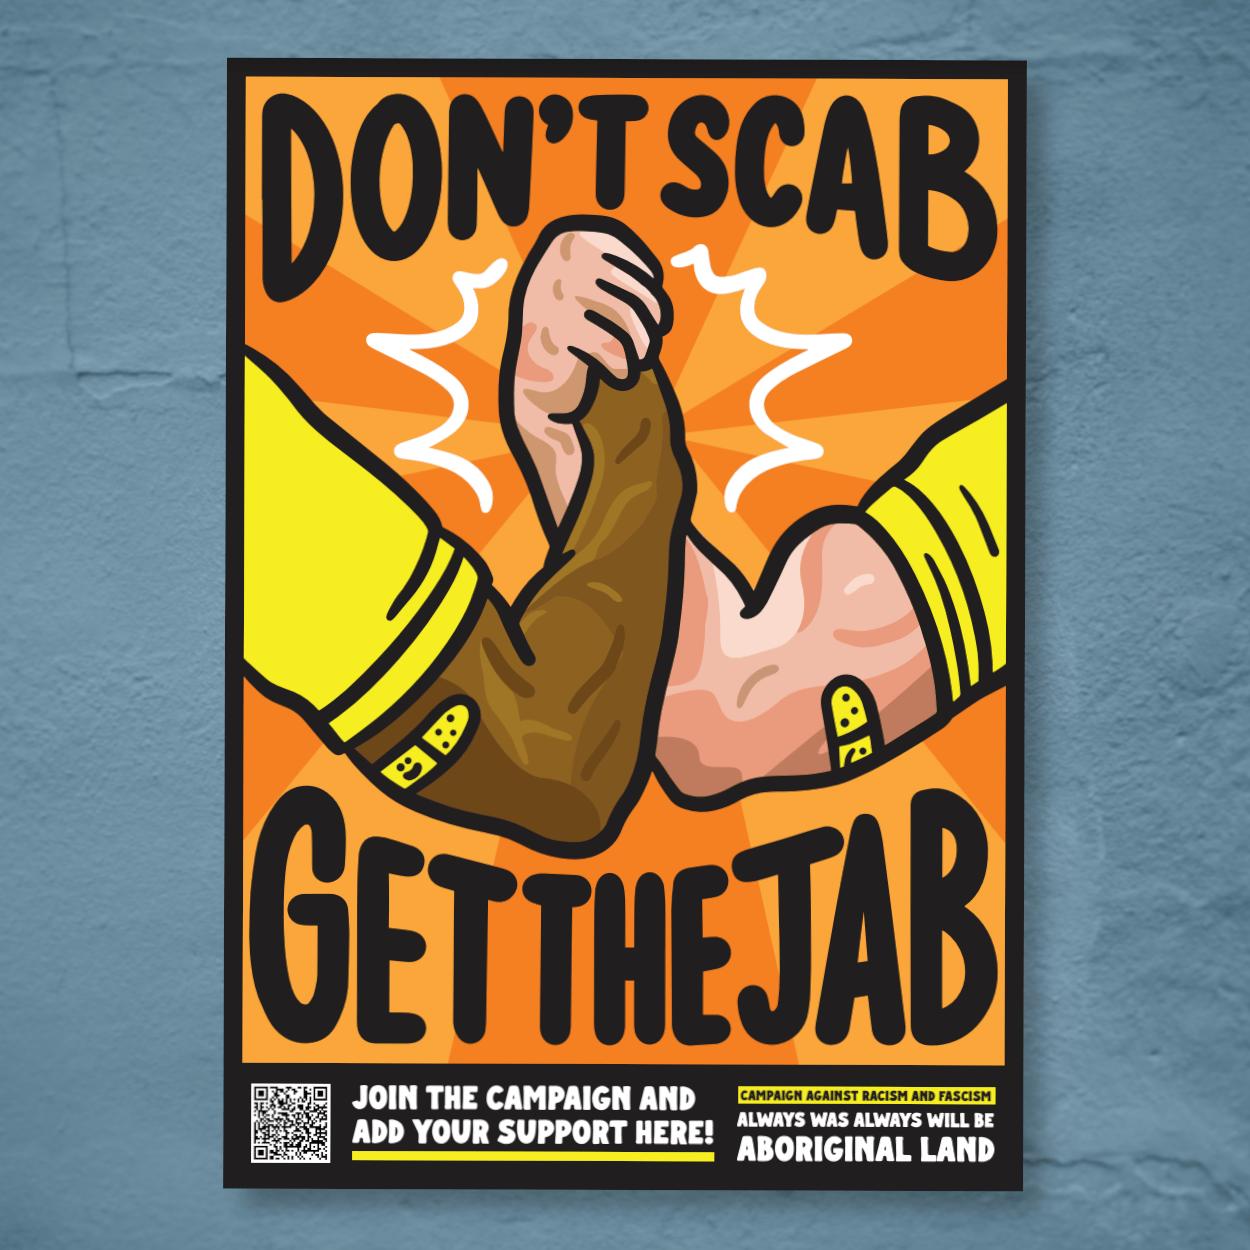 Image of Don't Scab, Get the Jab Poster Pack (Orange Design)